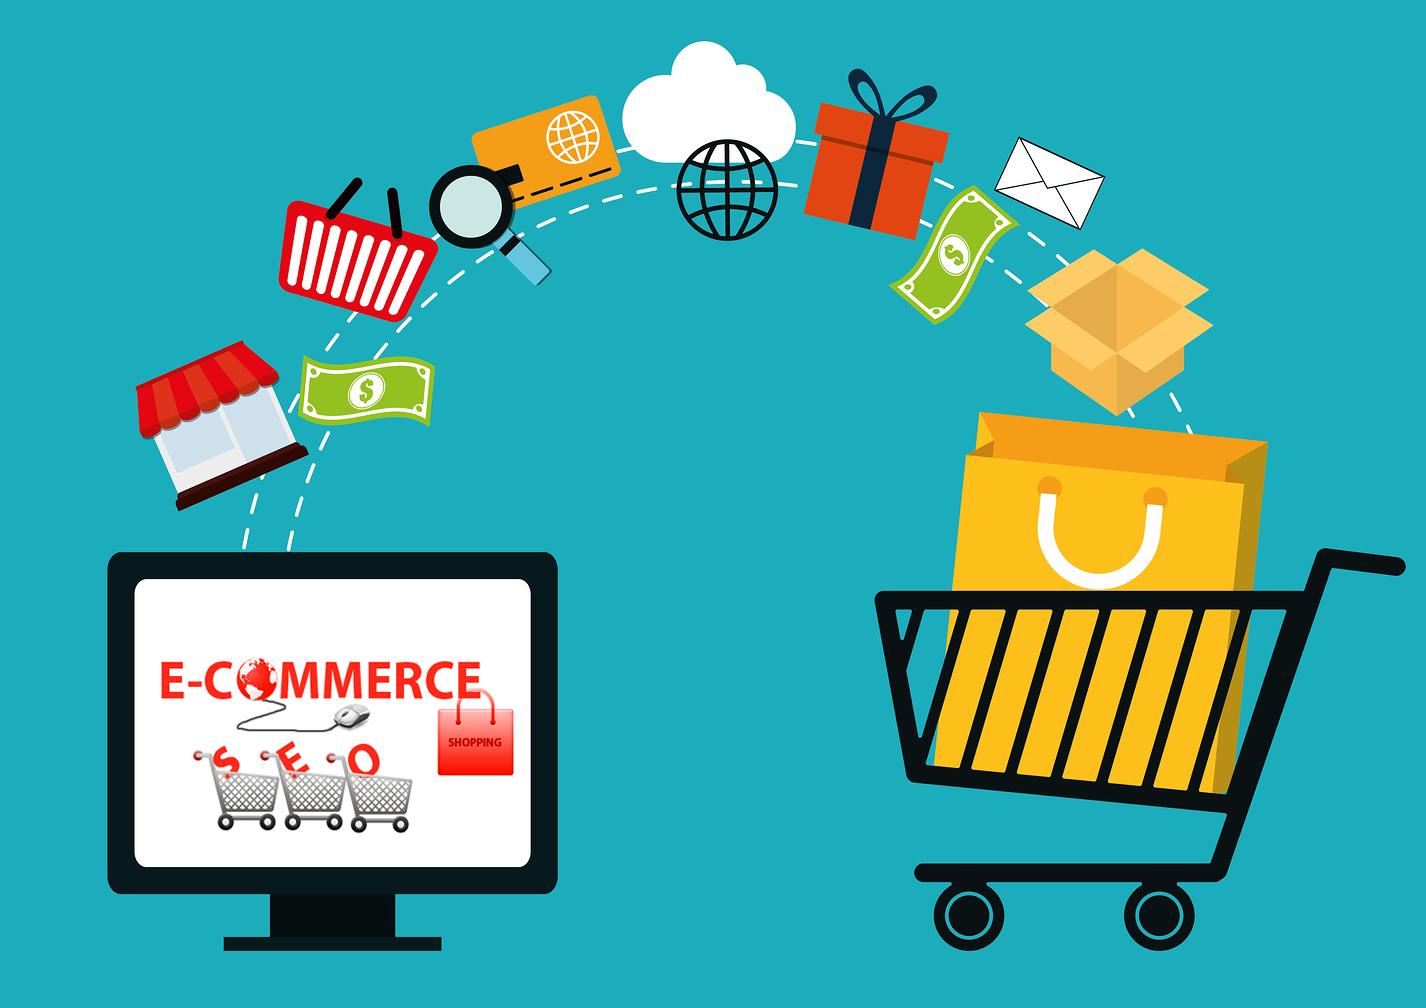 Kelebihan dan Kekurangan E-commerce